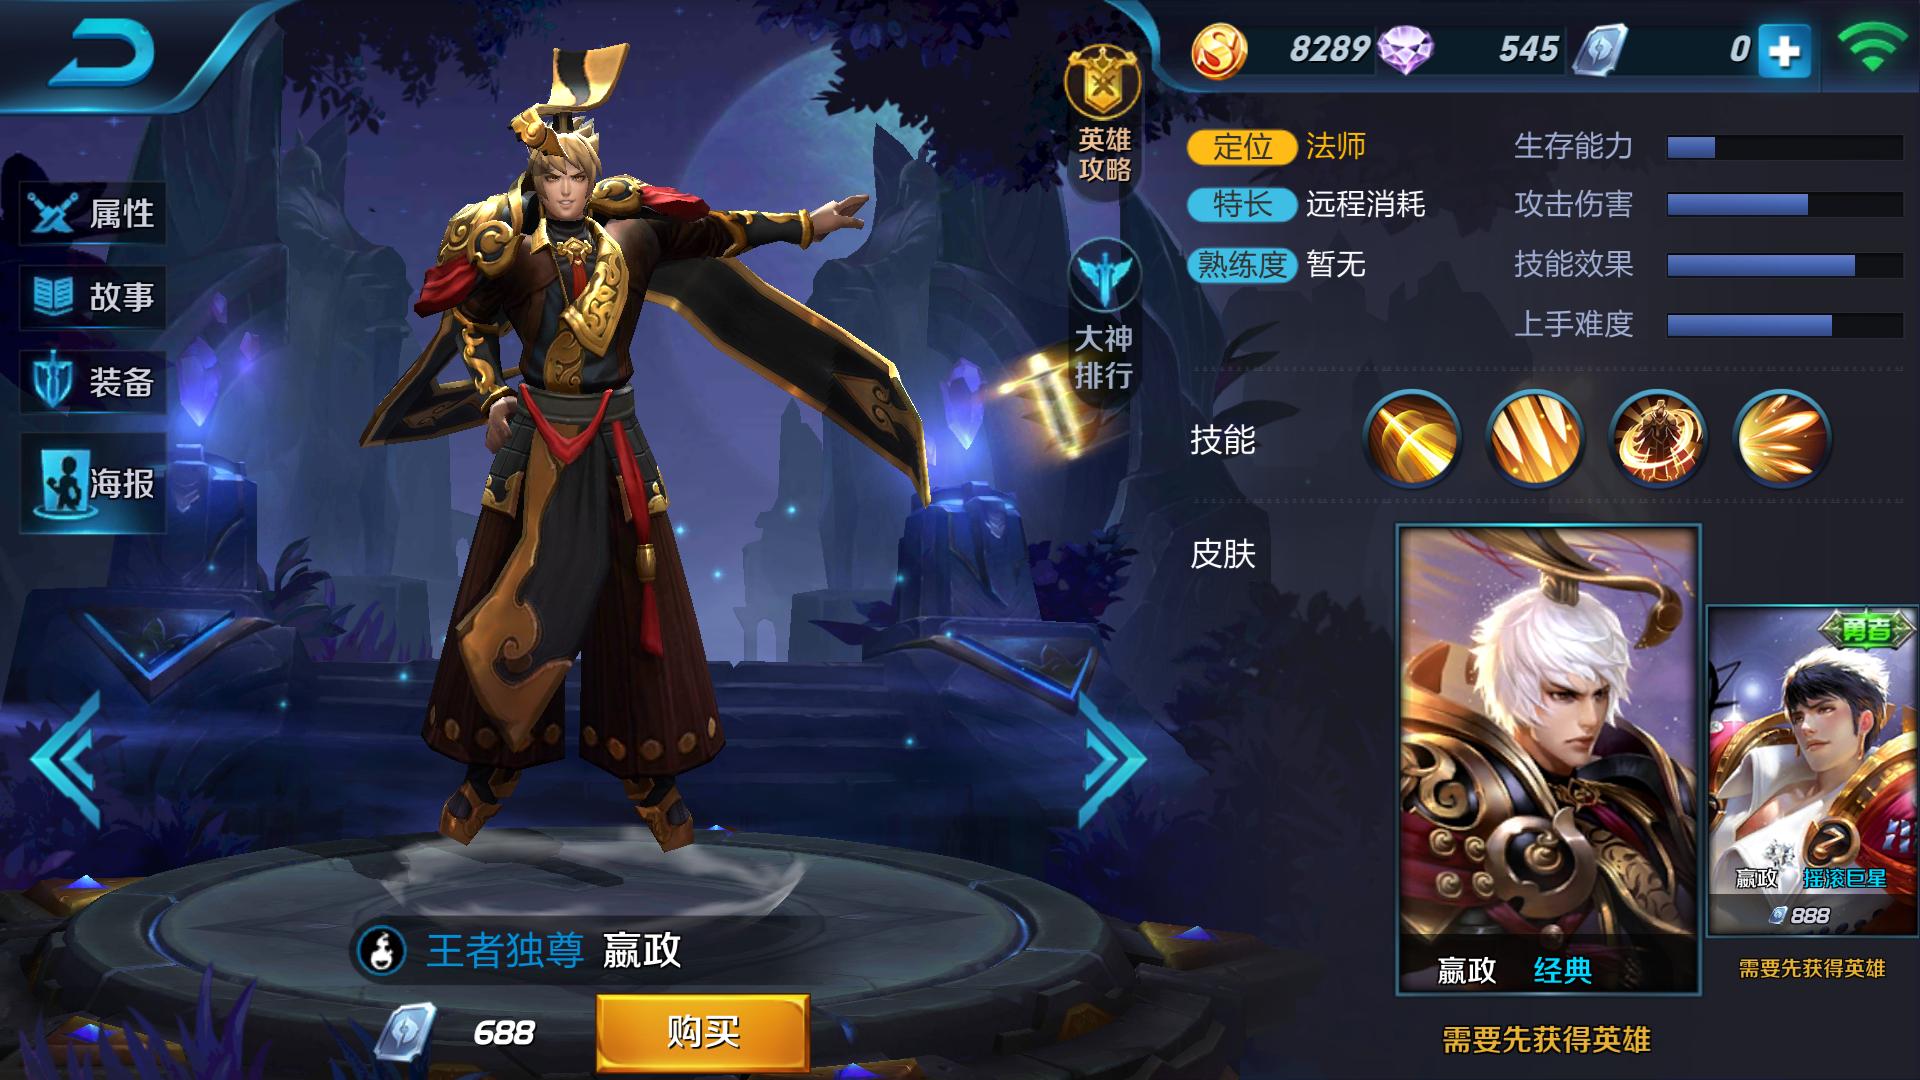 《王者荣耀》9月6日停服更新